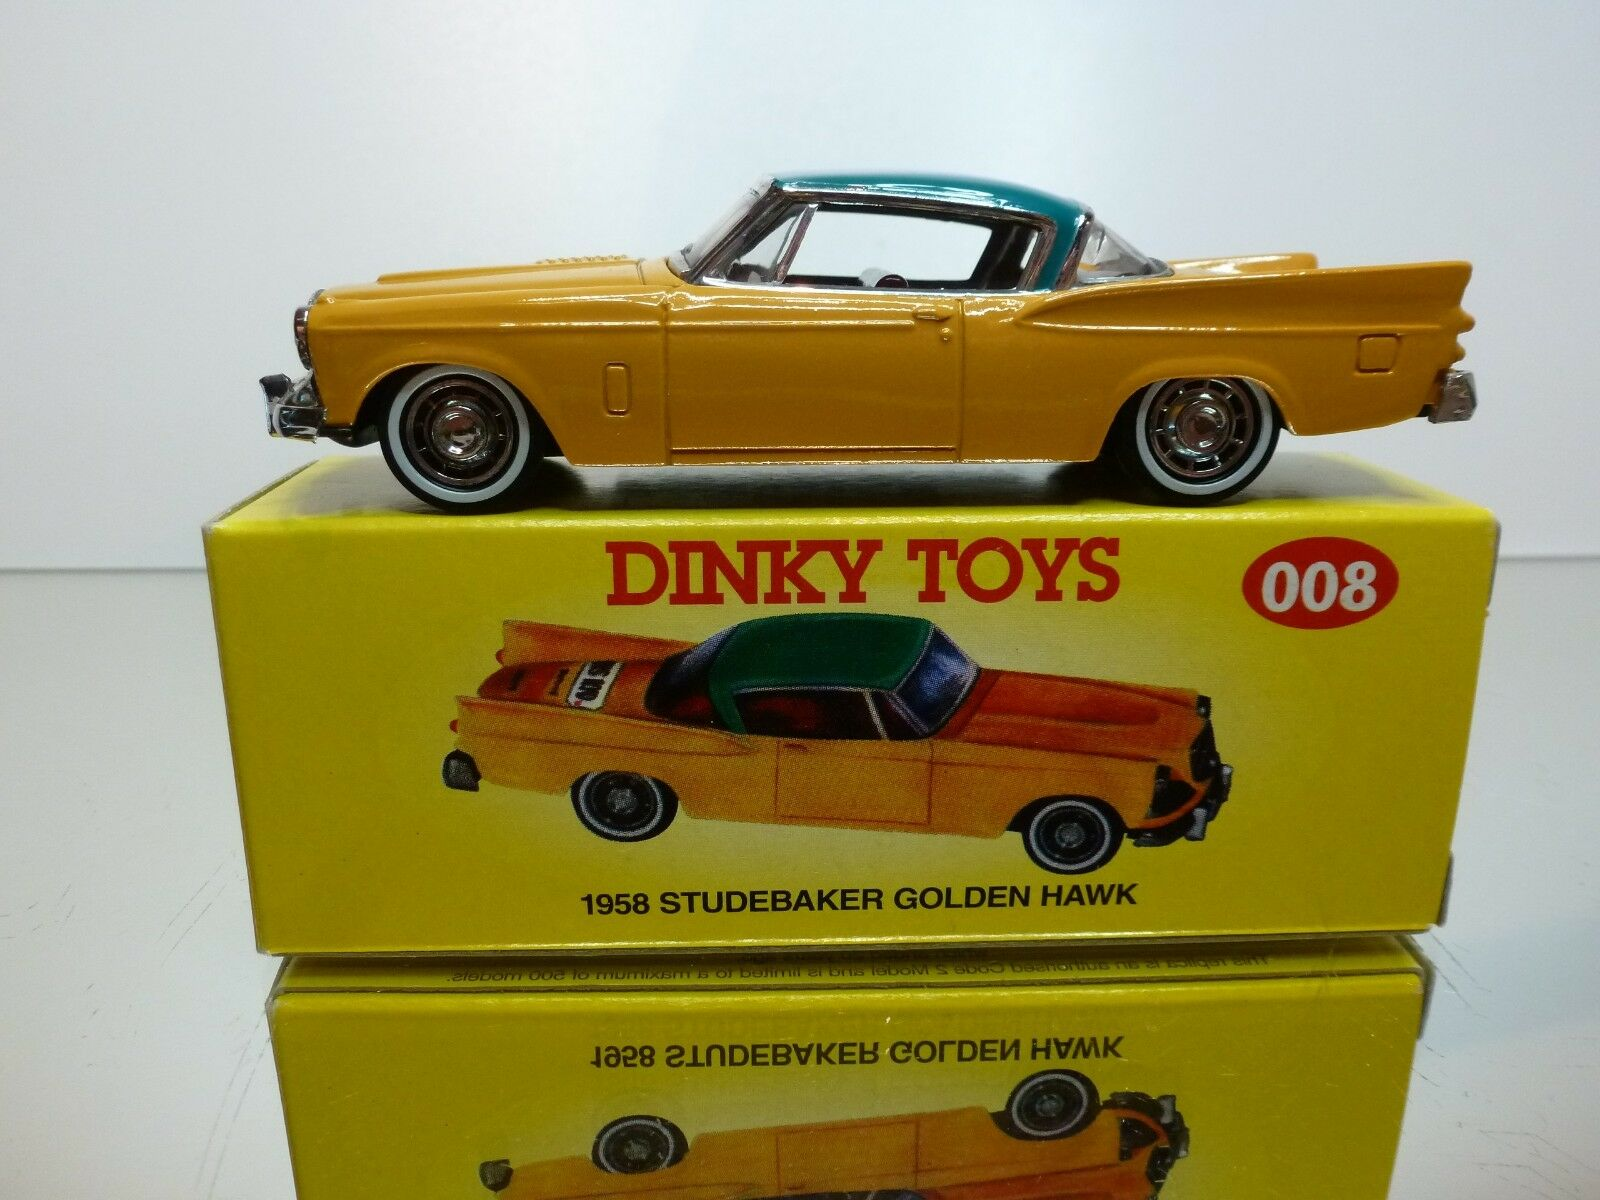 DINKY TOYS CODE 2 MODELS 008 - STUDEBAKER oroEN HAWK 1958 - 1 43 - EXCELLENT IB